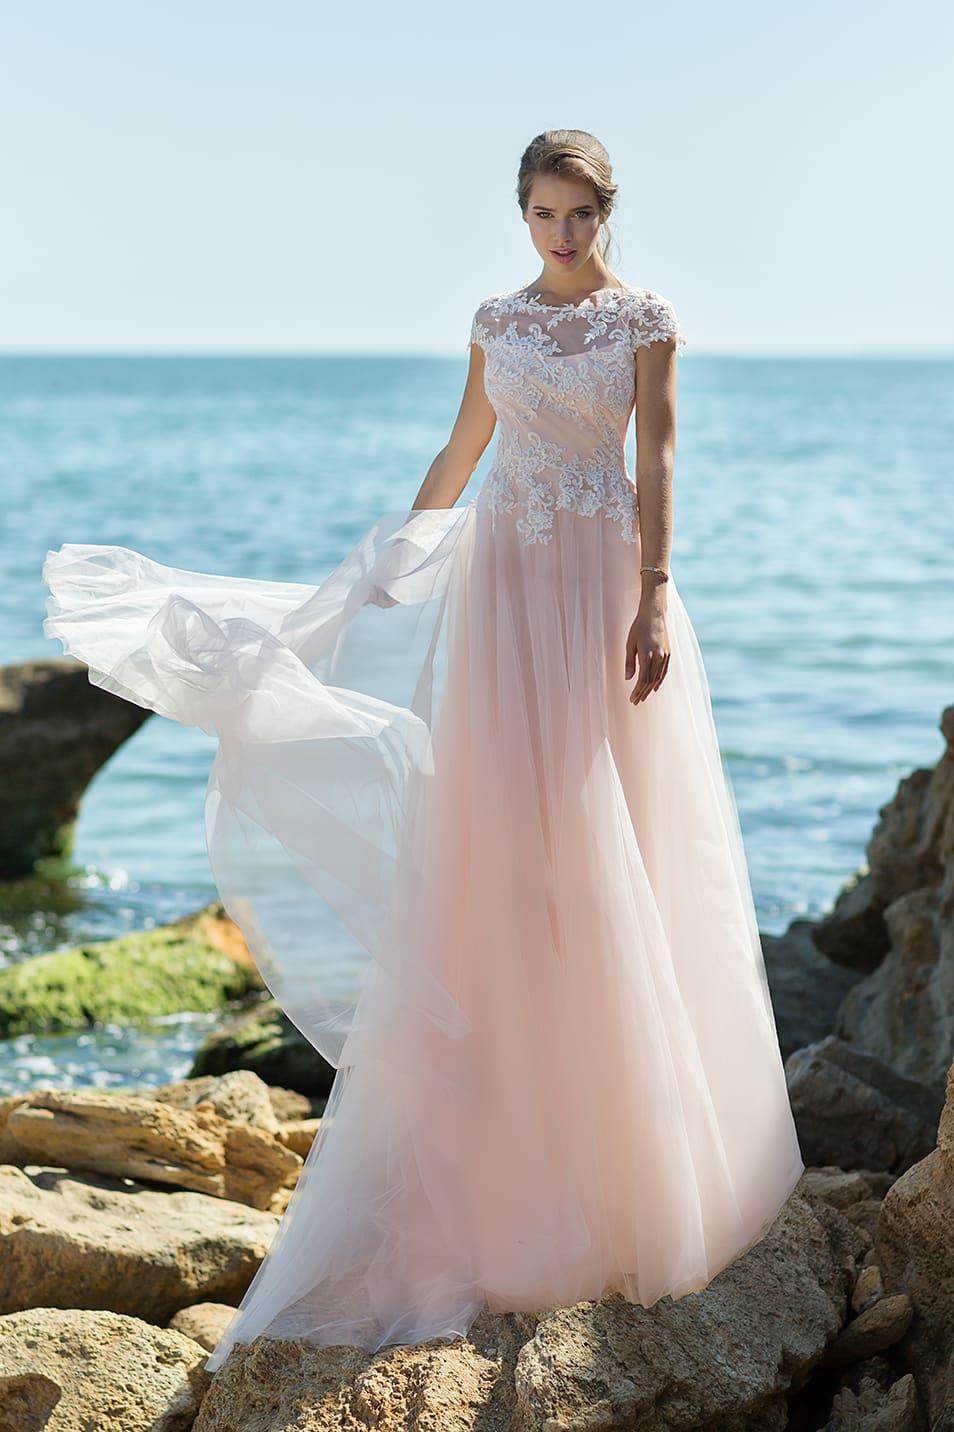 570b5a37b65 Свадебное платье Valentina Gladun Ivanna ▷ Свадебный Торговый Центр Вега в  Москве